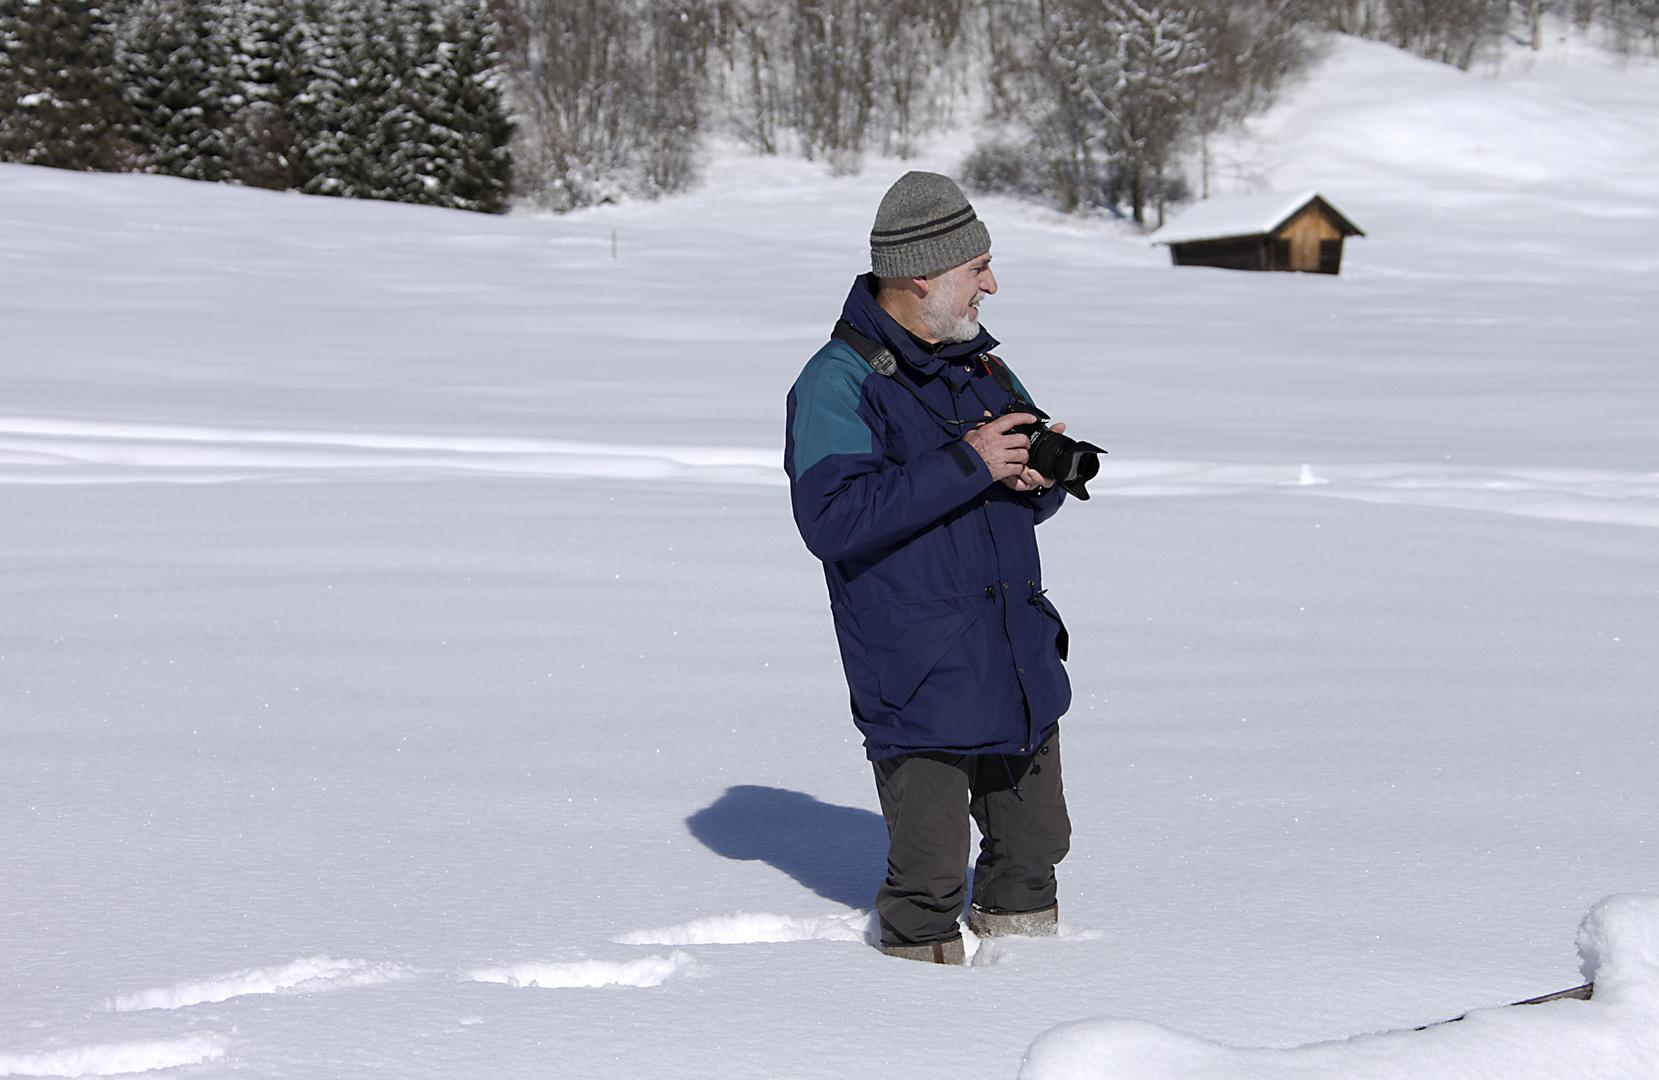 die Schneehöhe